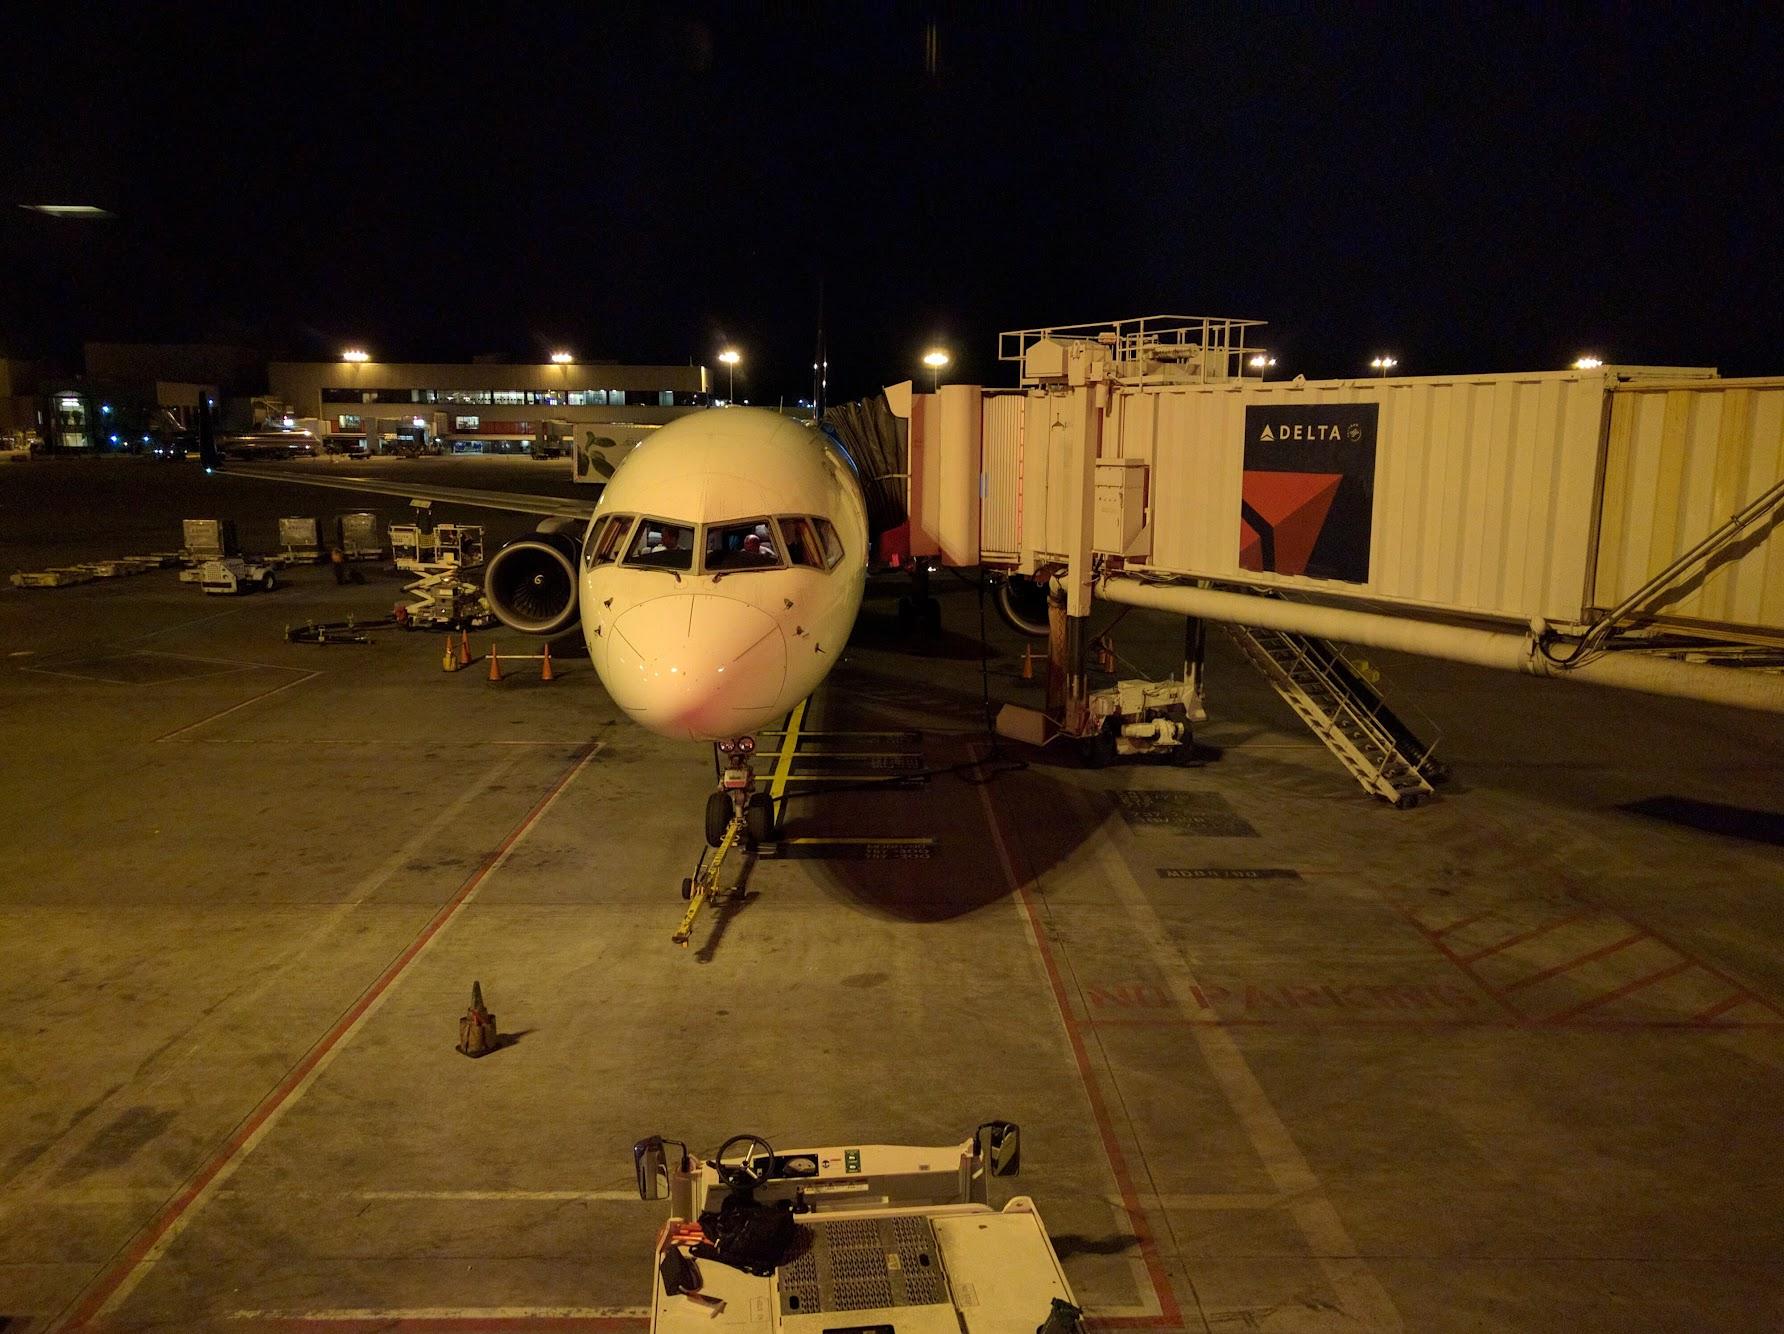 delta flight atl to sfo today